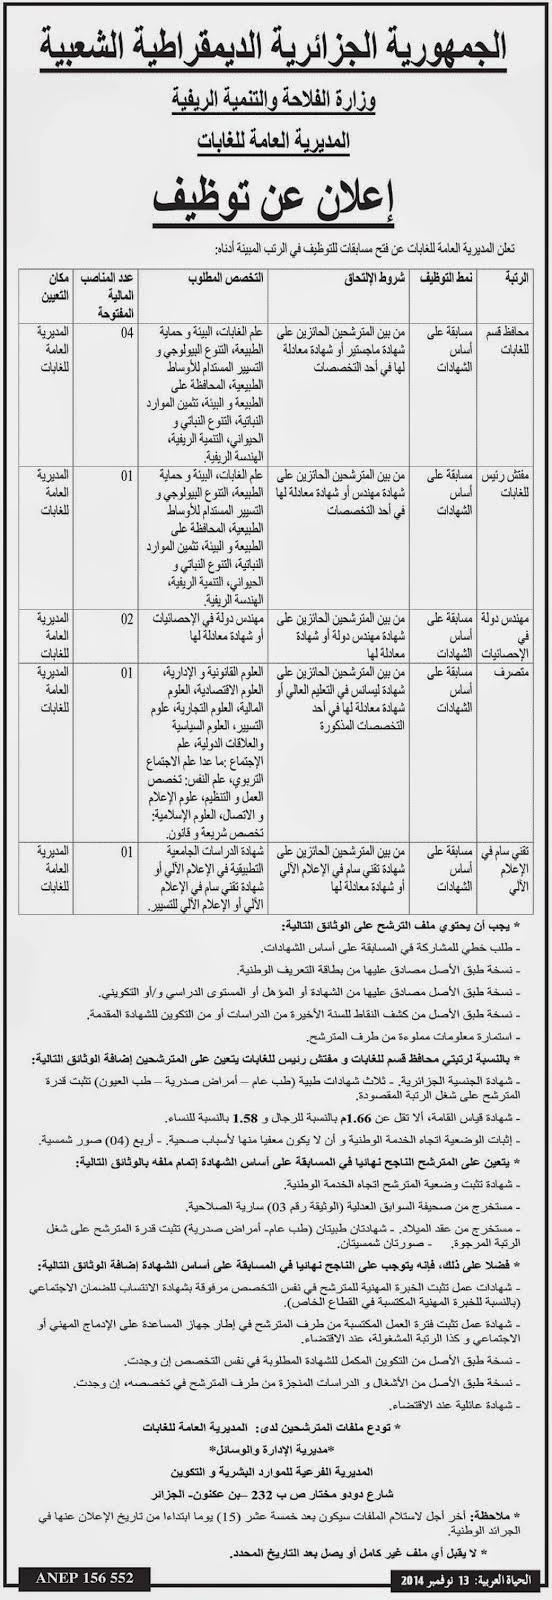 إعلان توظيف بتعلن المديرية العامة للغابات نوفمبر 2014